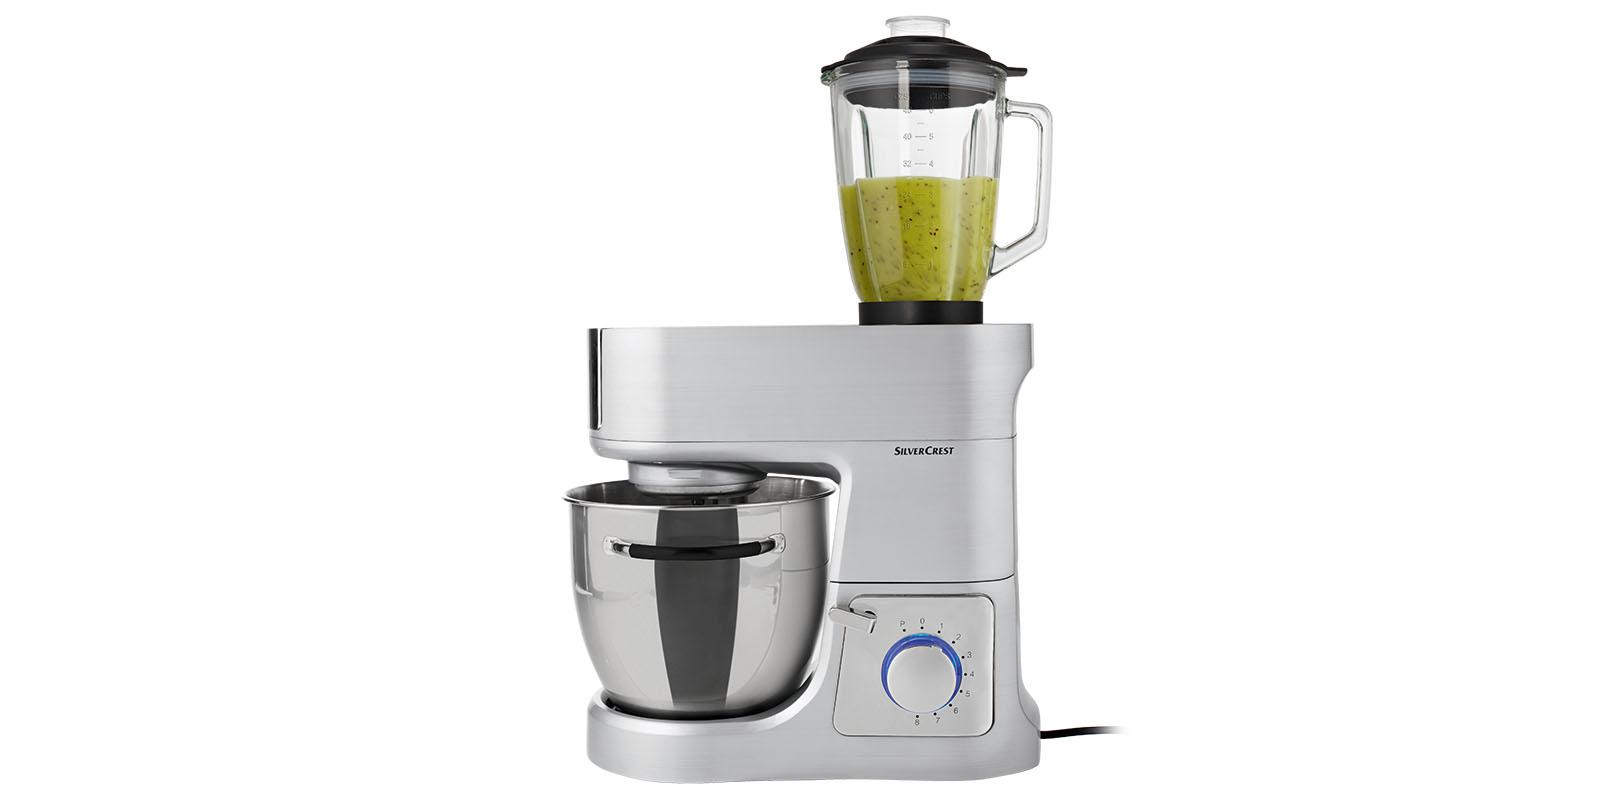 Küchenmaschine Vollmetall SKV1200 A1 Silvercrest 6 Liter 1200W ...